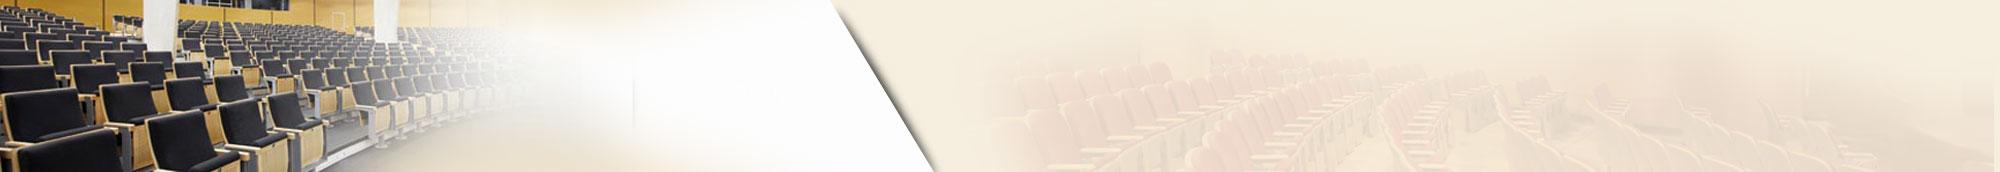 Auditorium-Banner